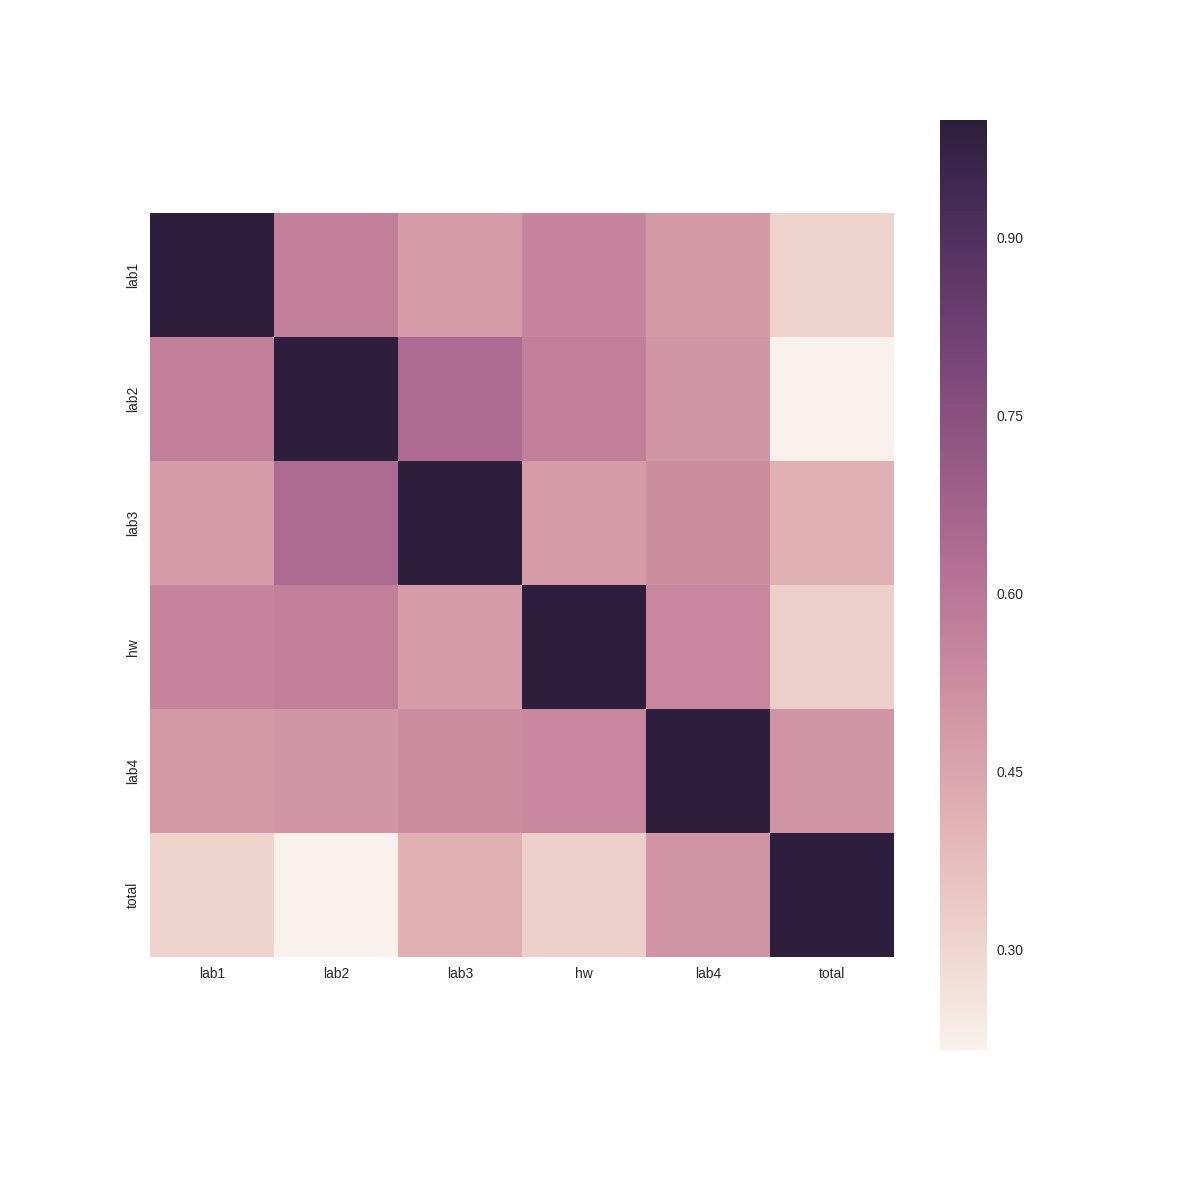 Как получать пятёрки с помощью анализа данных? - 3